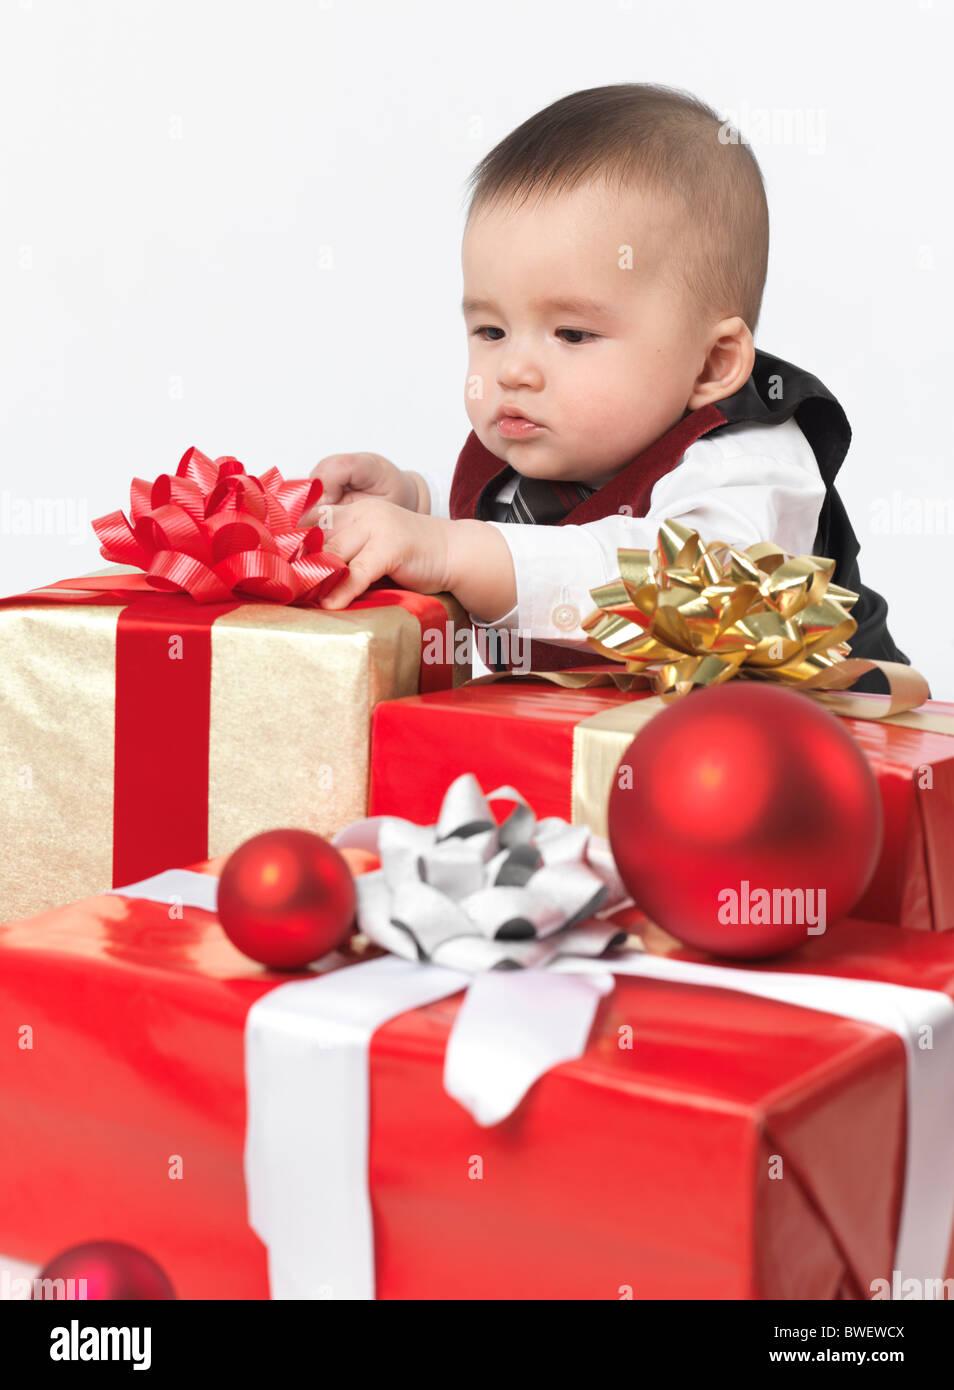 Sechs Monate altes Baby junge Weihnachtsgeschenke zu öffnen ...